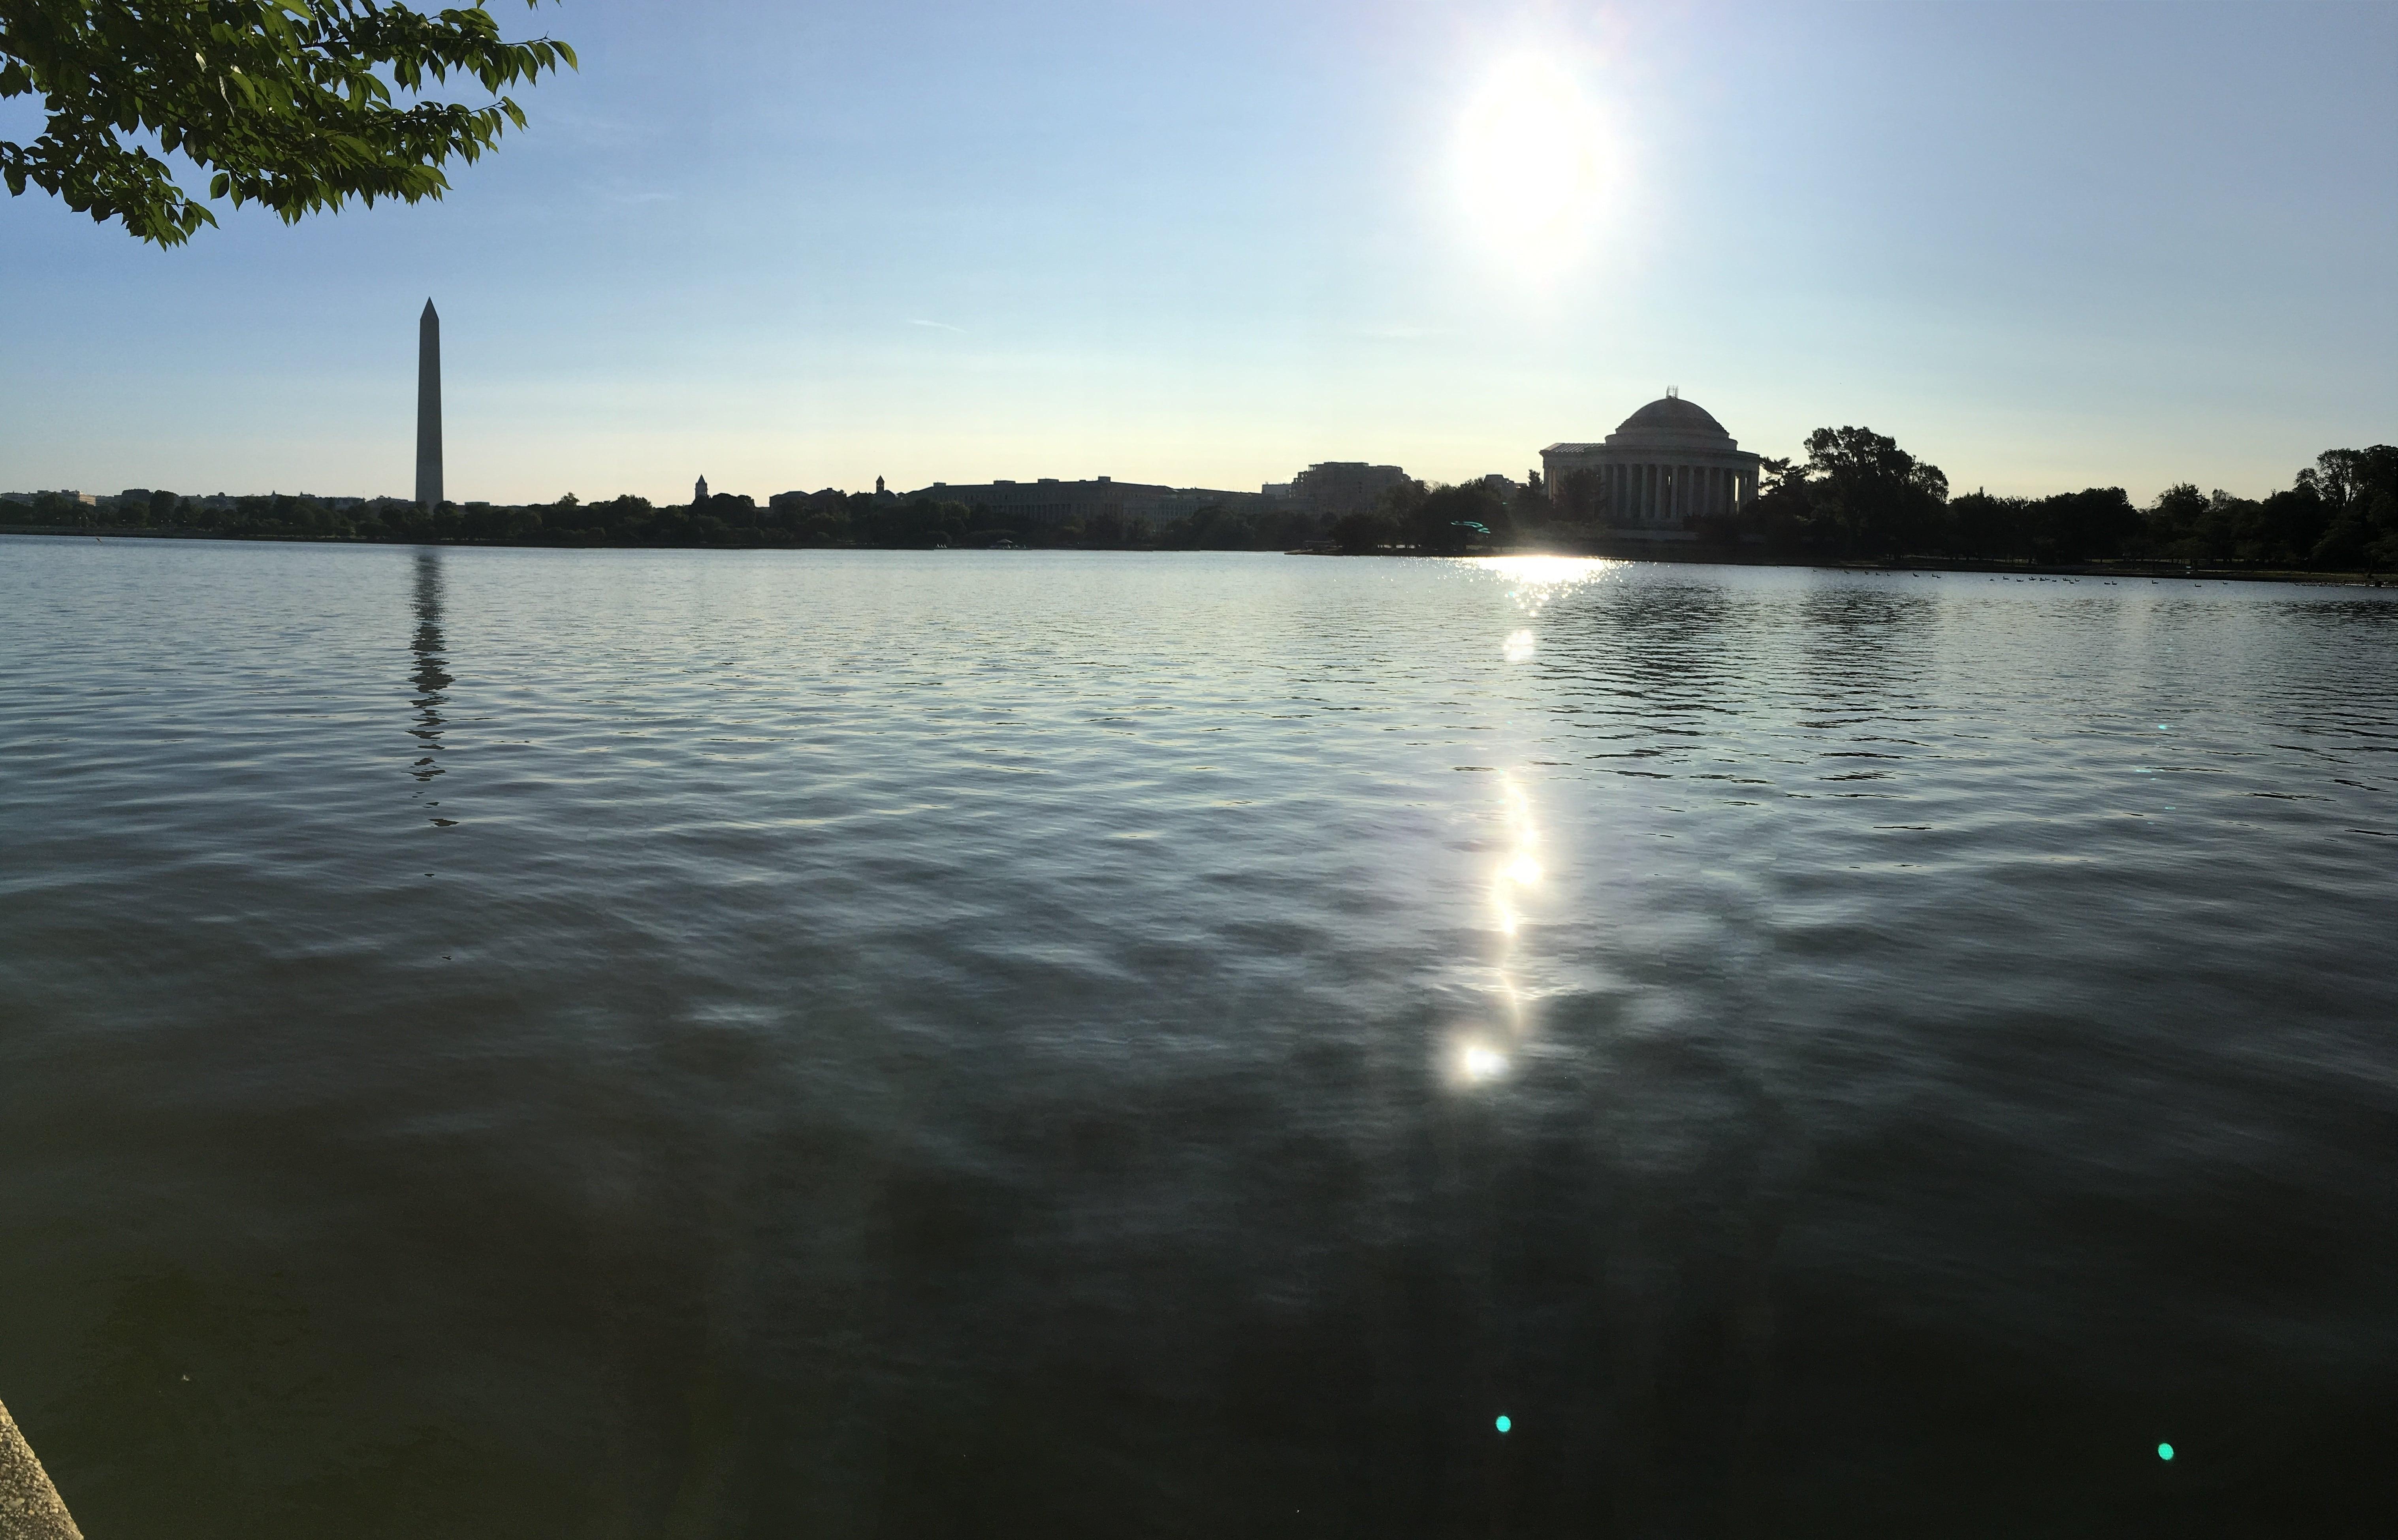 Nalevo: Washingtonův monument, kupole napravo: Jeffersonův památník